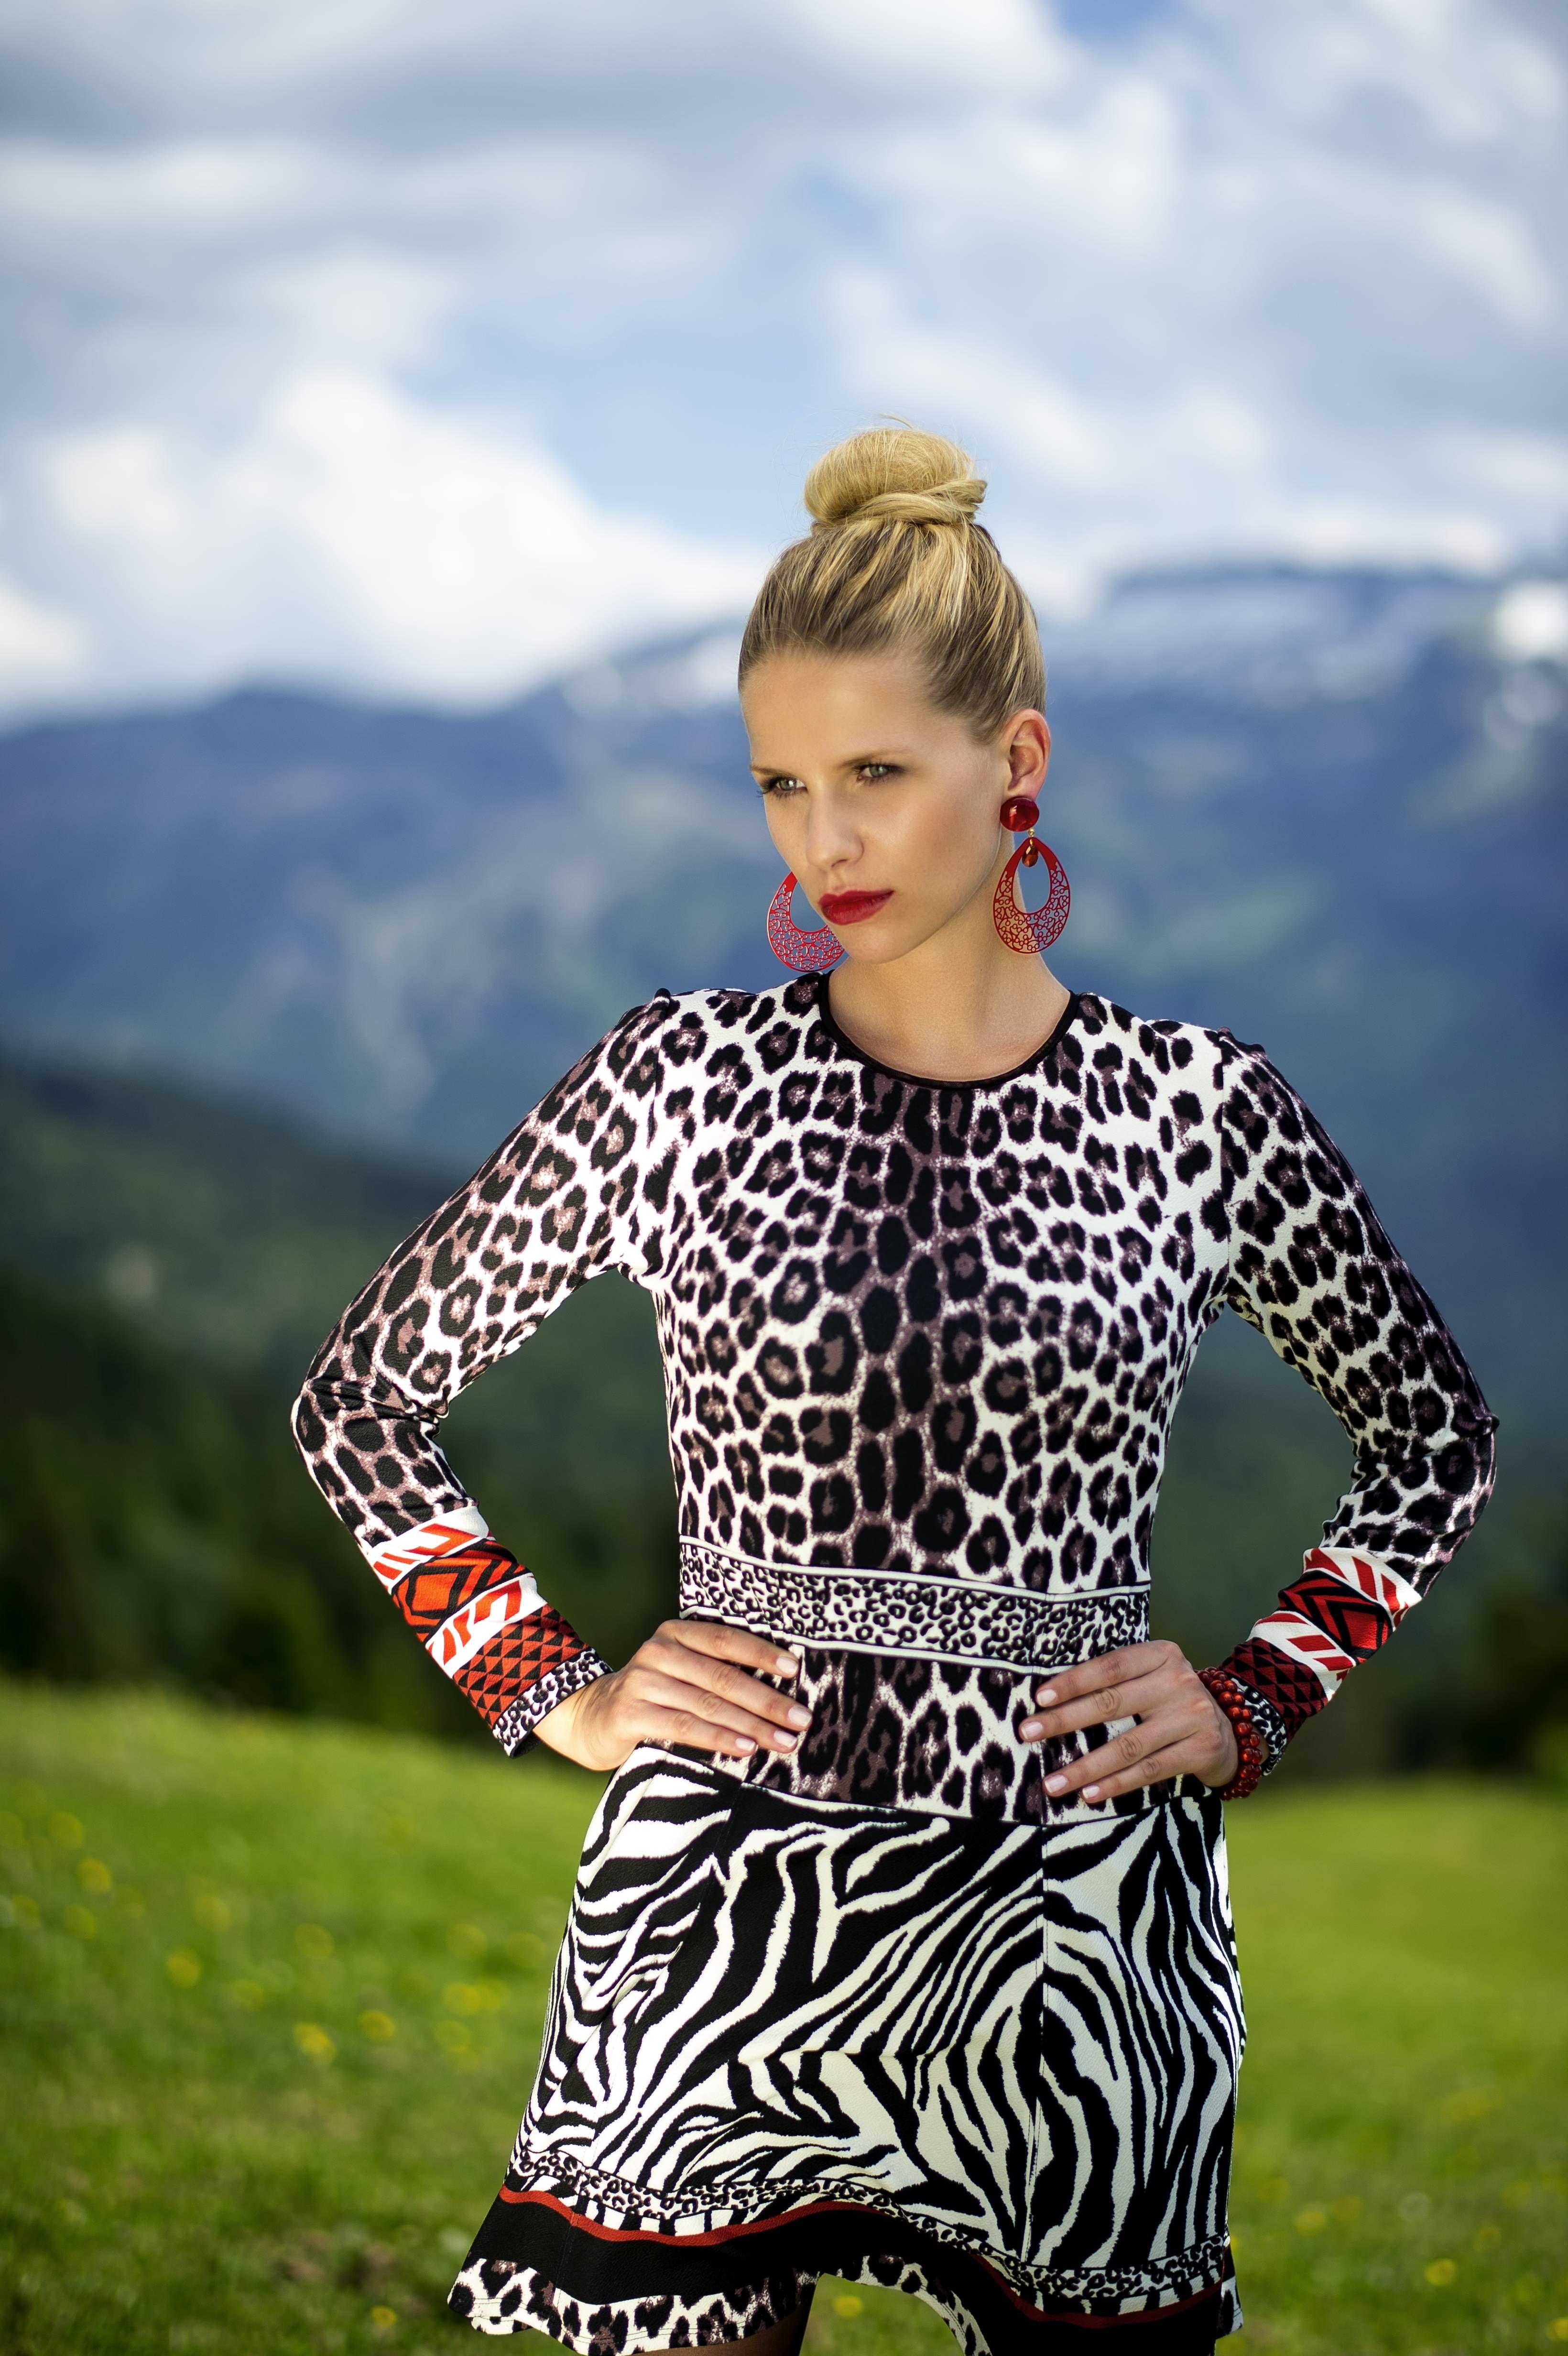 Damesmode winter 15-16 bij Yzer Fashion Ardooie  halebob  d4d77cab35